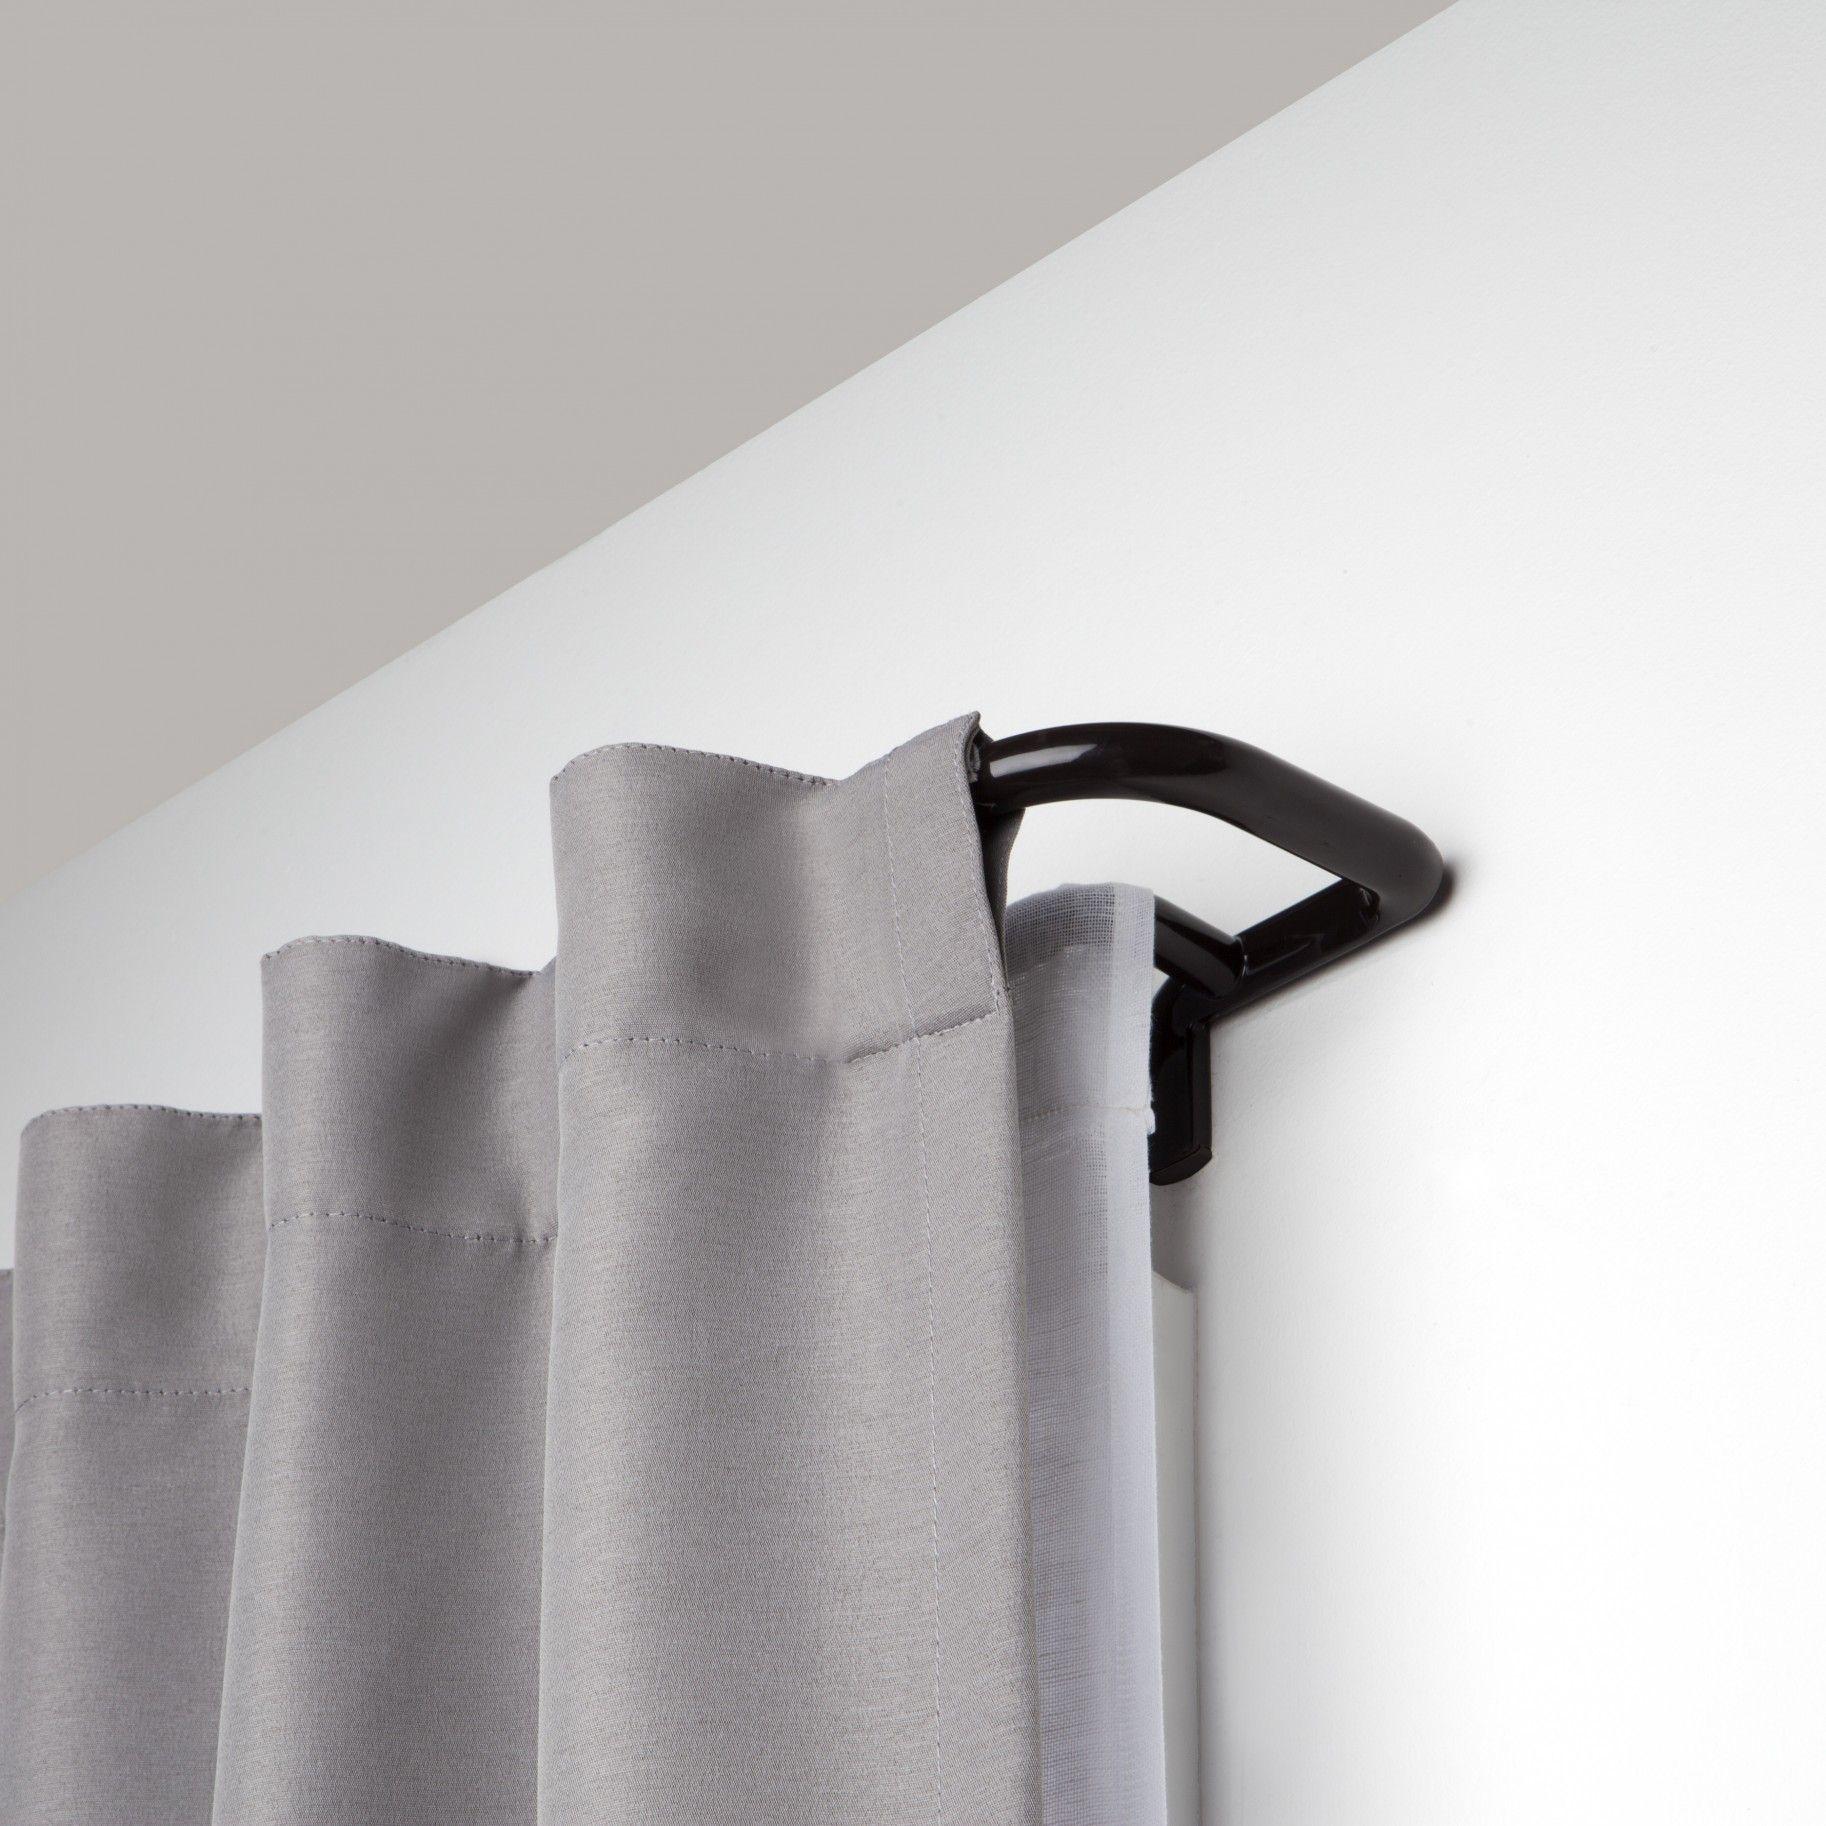 Twilight Double Curtain Rod Room Darkening Solution Dark Auburn